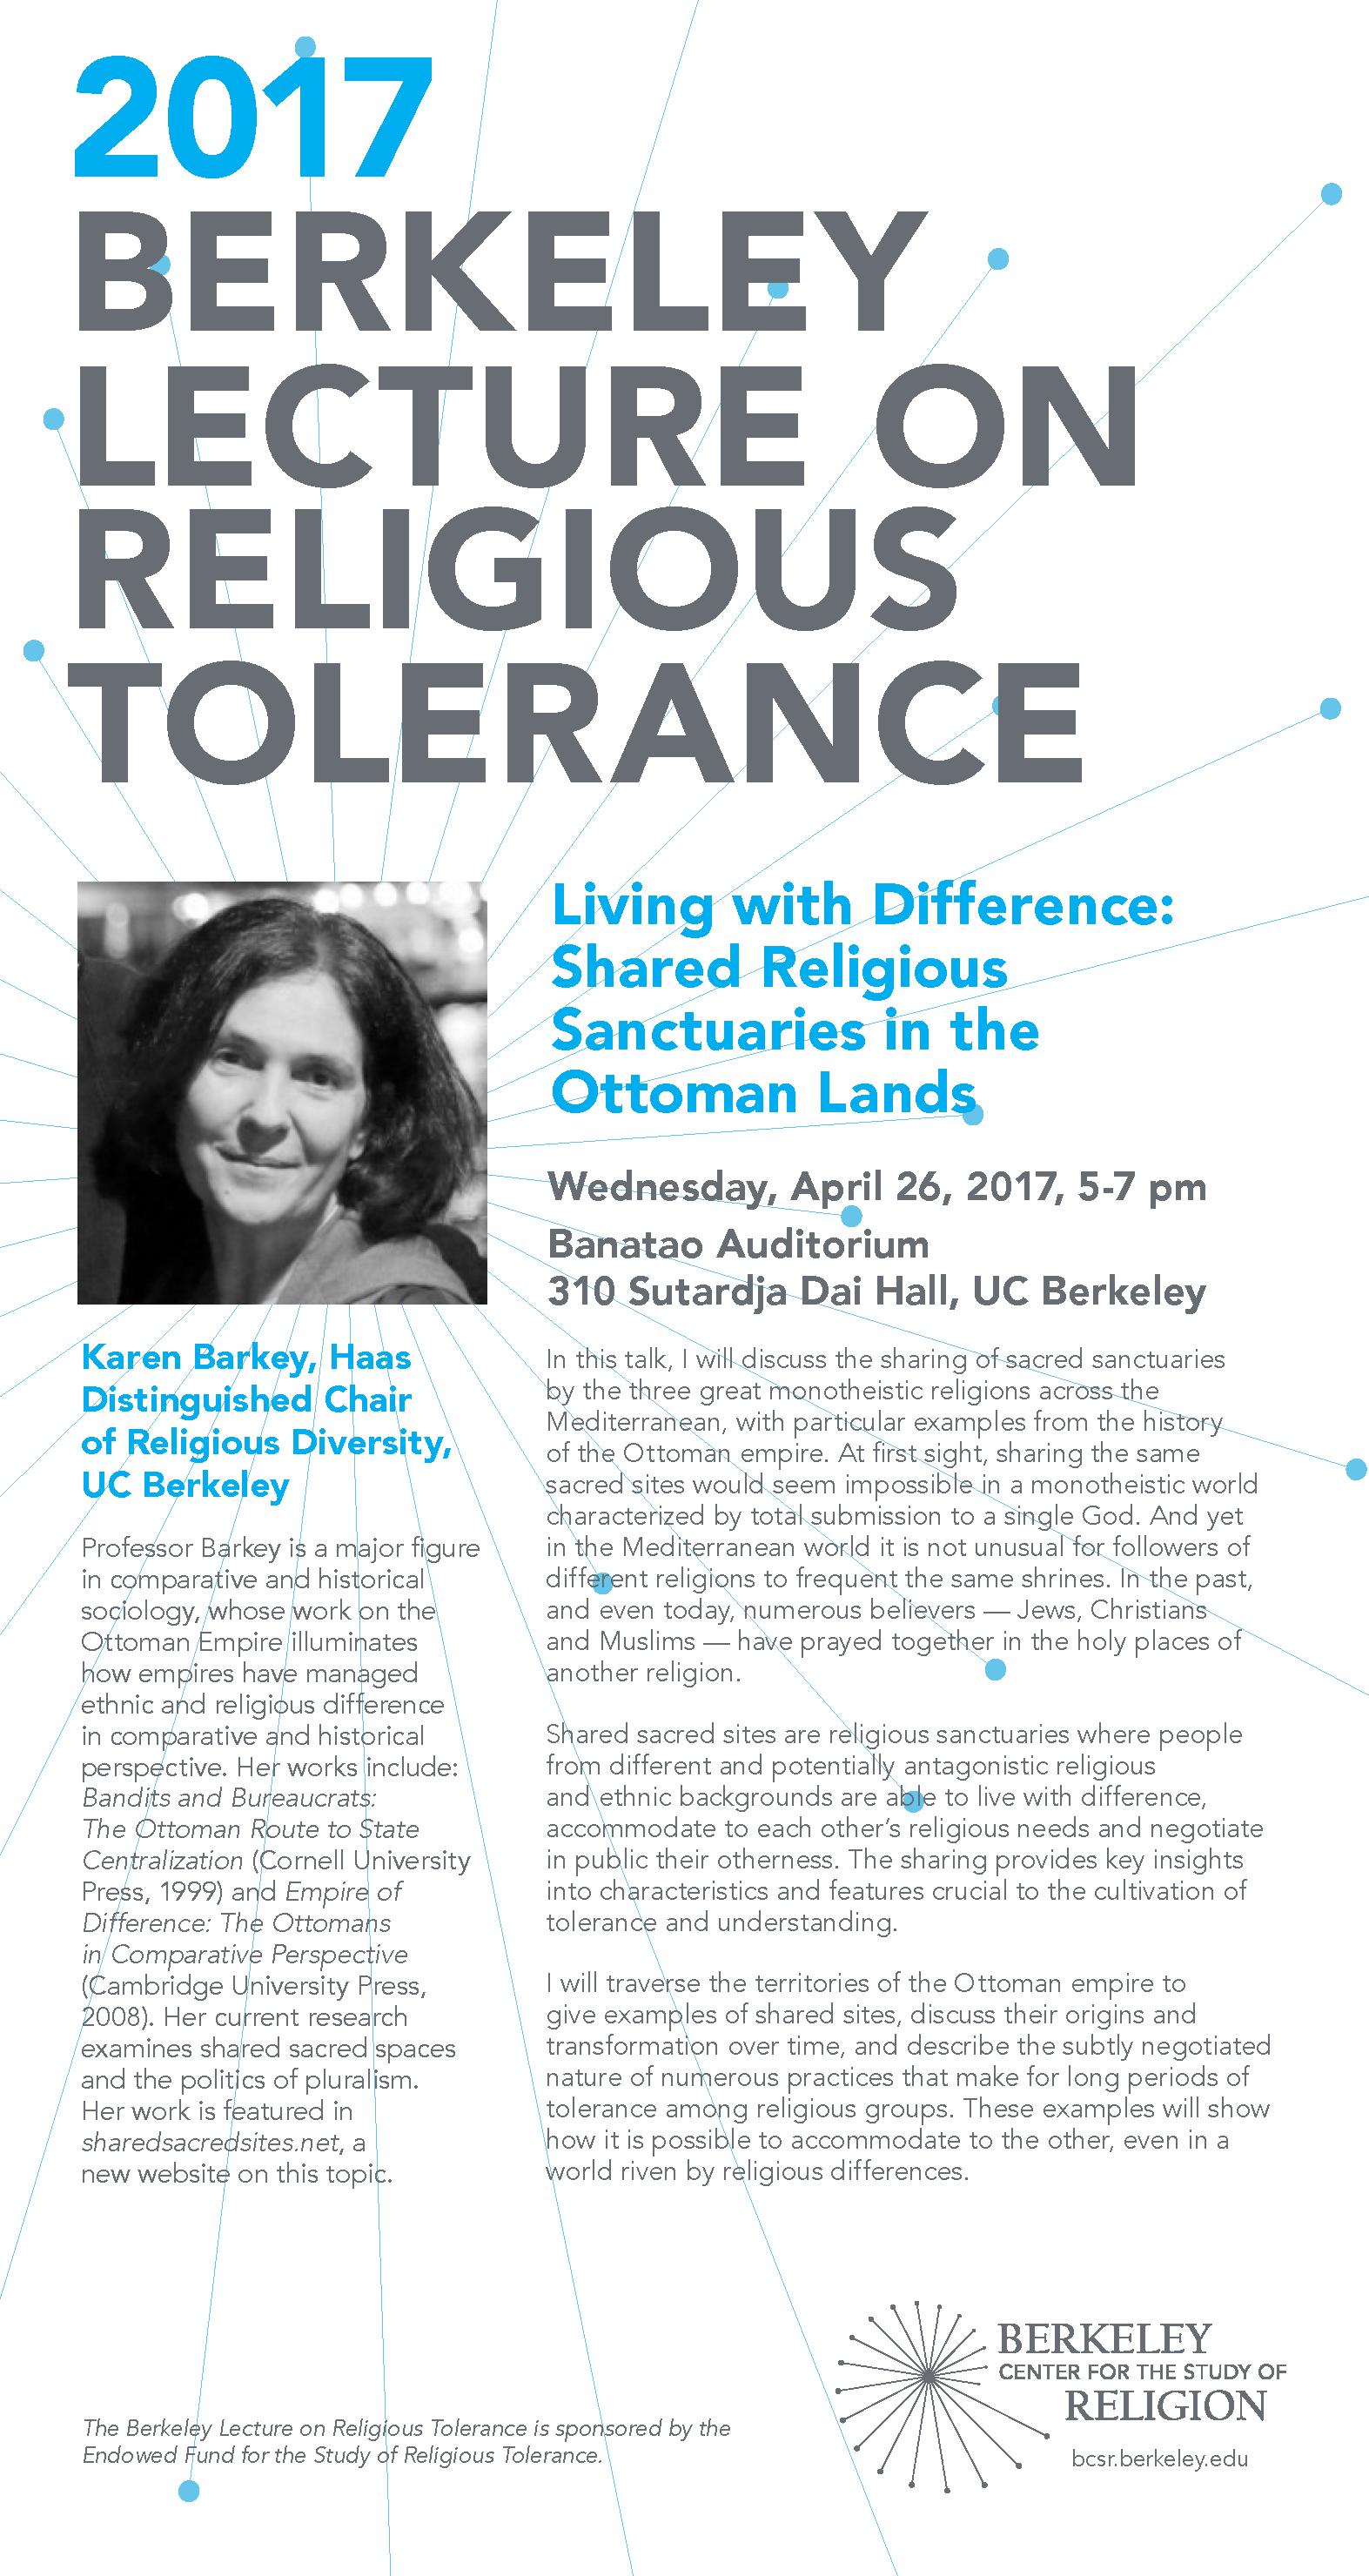 karen_barkey_talk_on_religious_tolerance.png